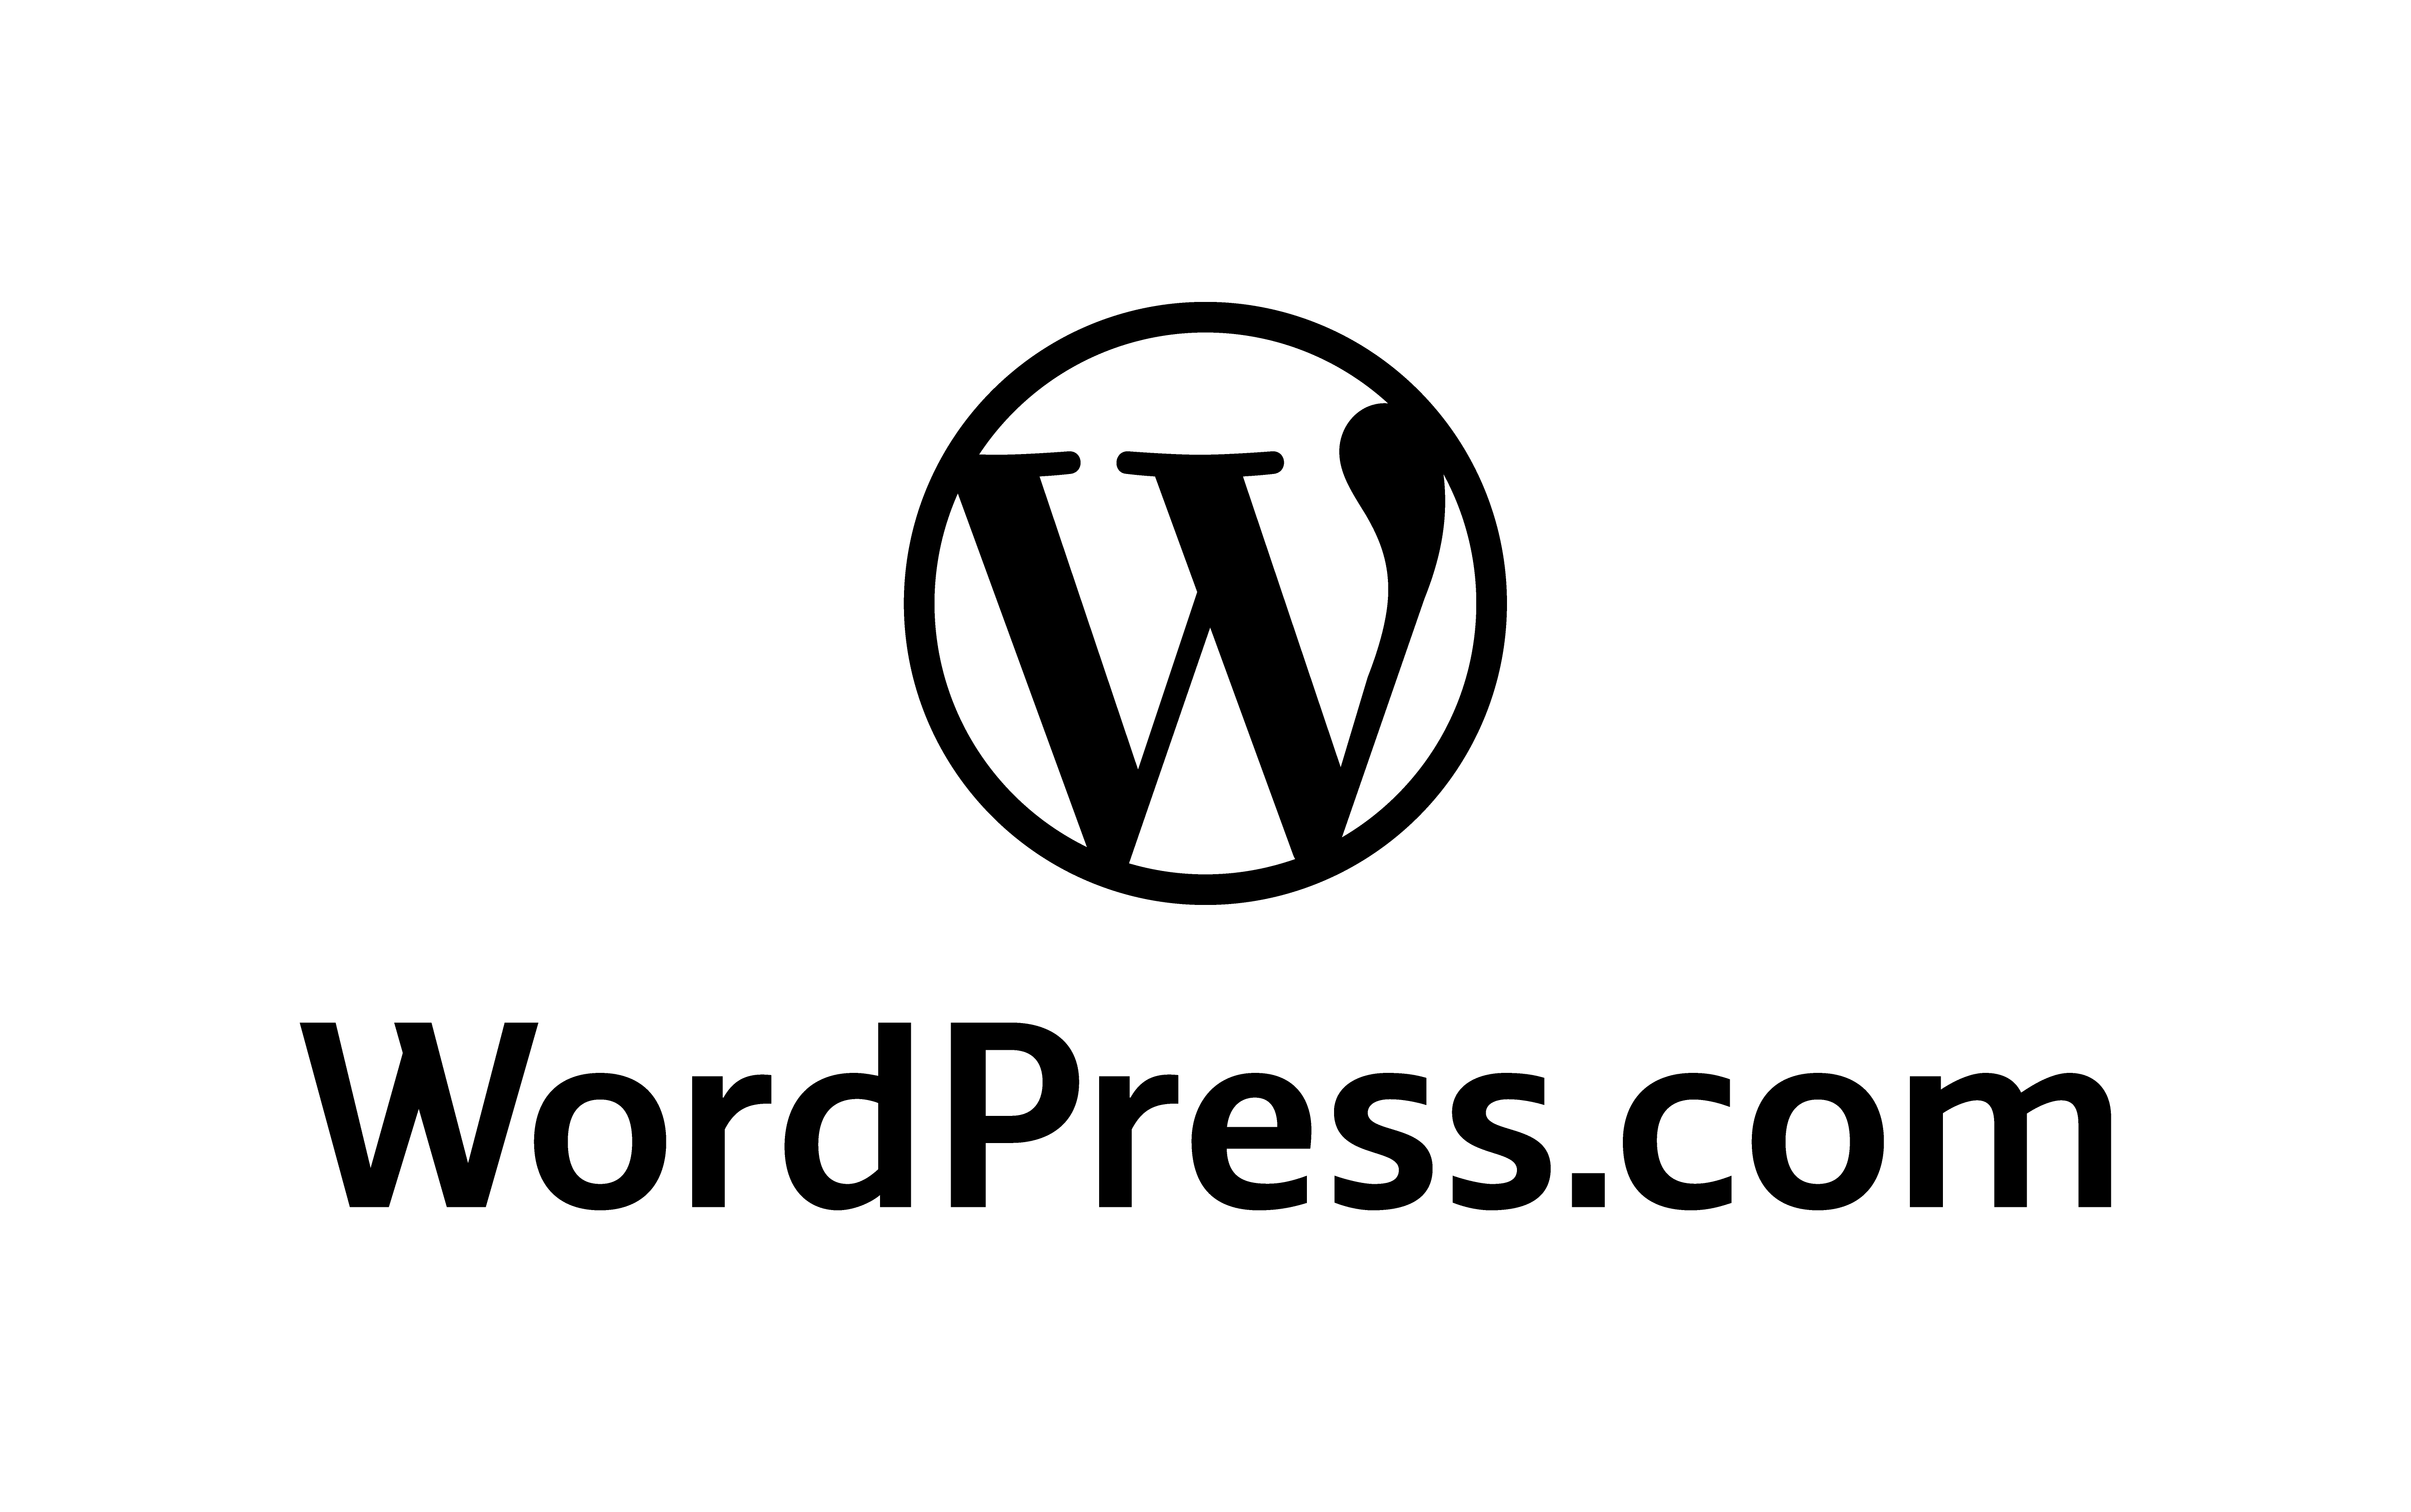 WordPress.com Coupon & Startup Discount